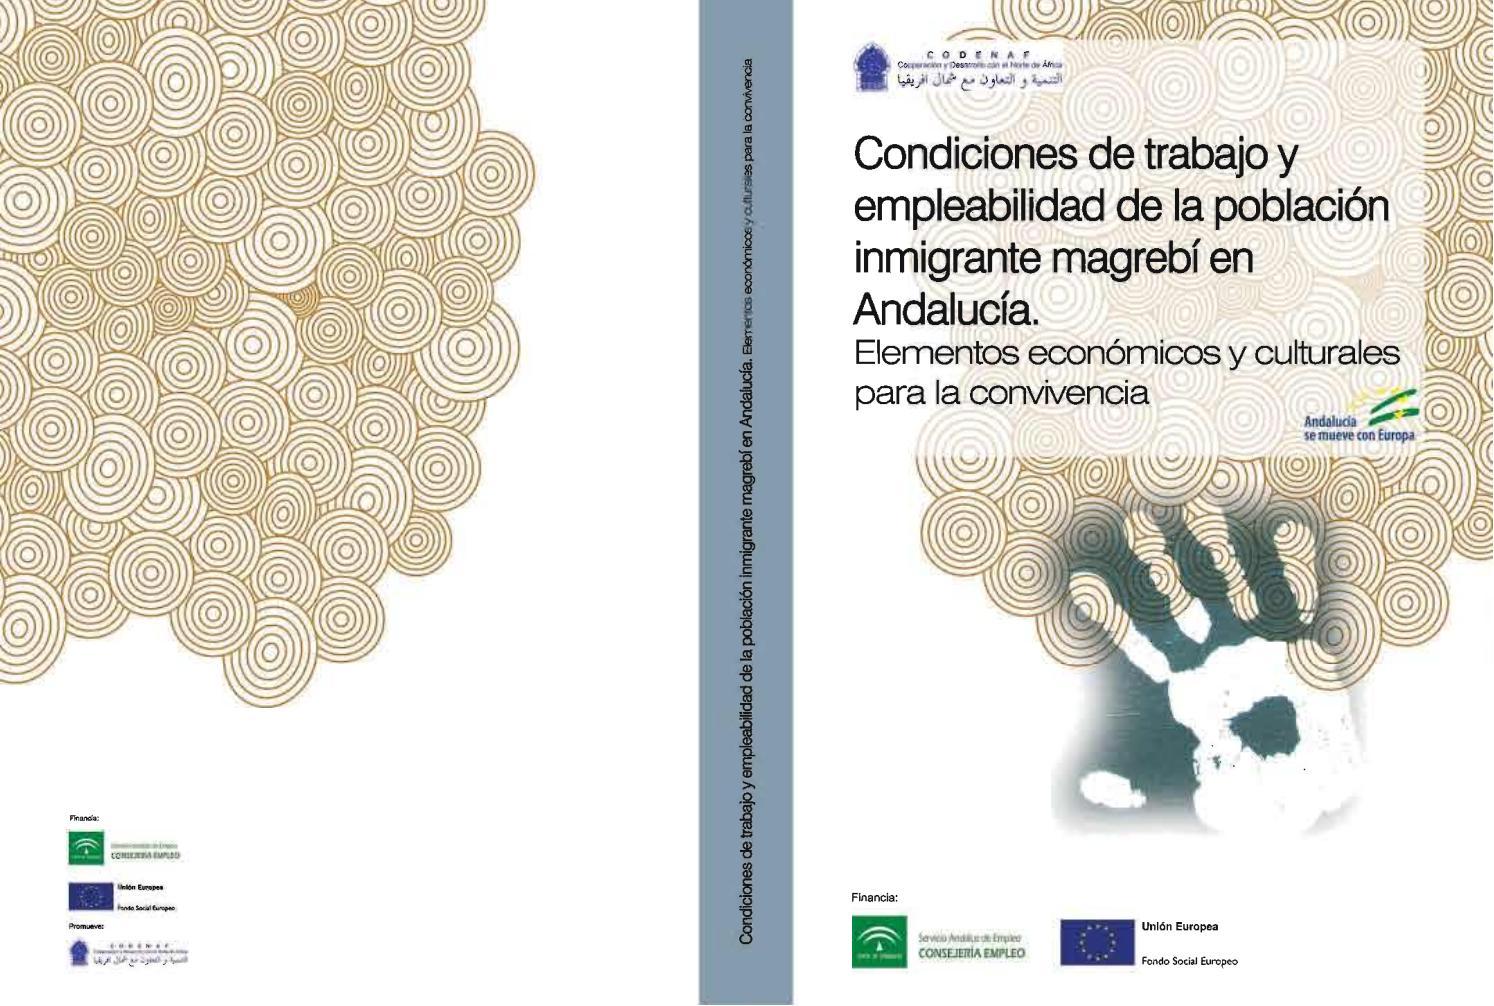 Condiciones De Trabajo Y Empleabilidad De La Población